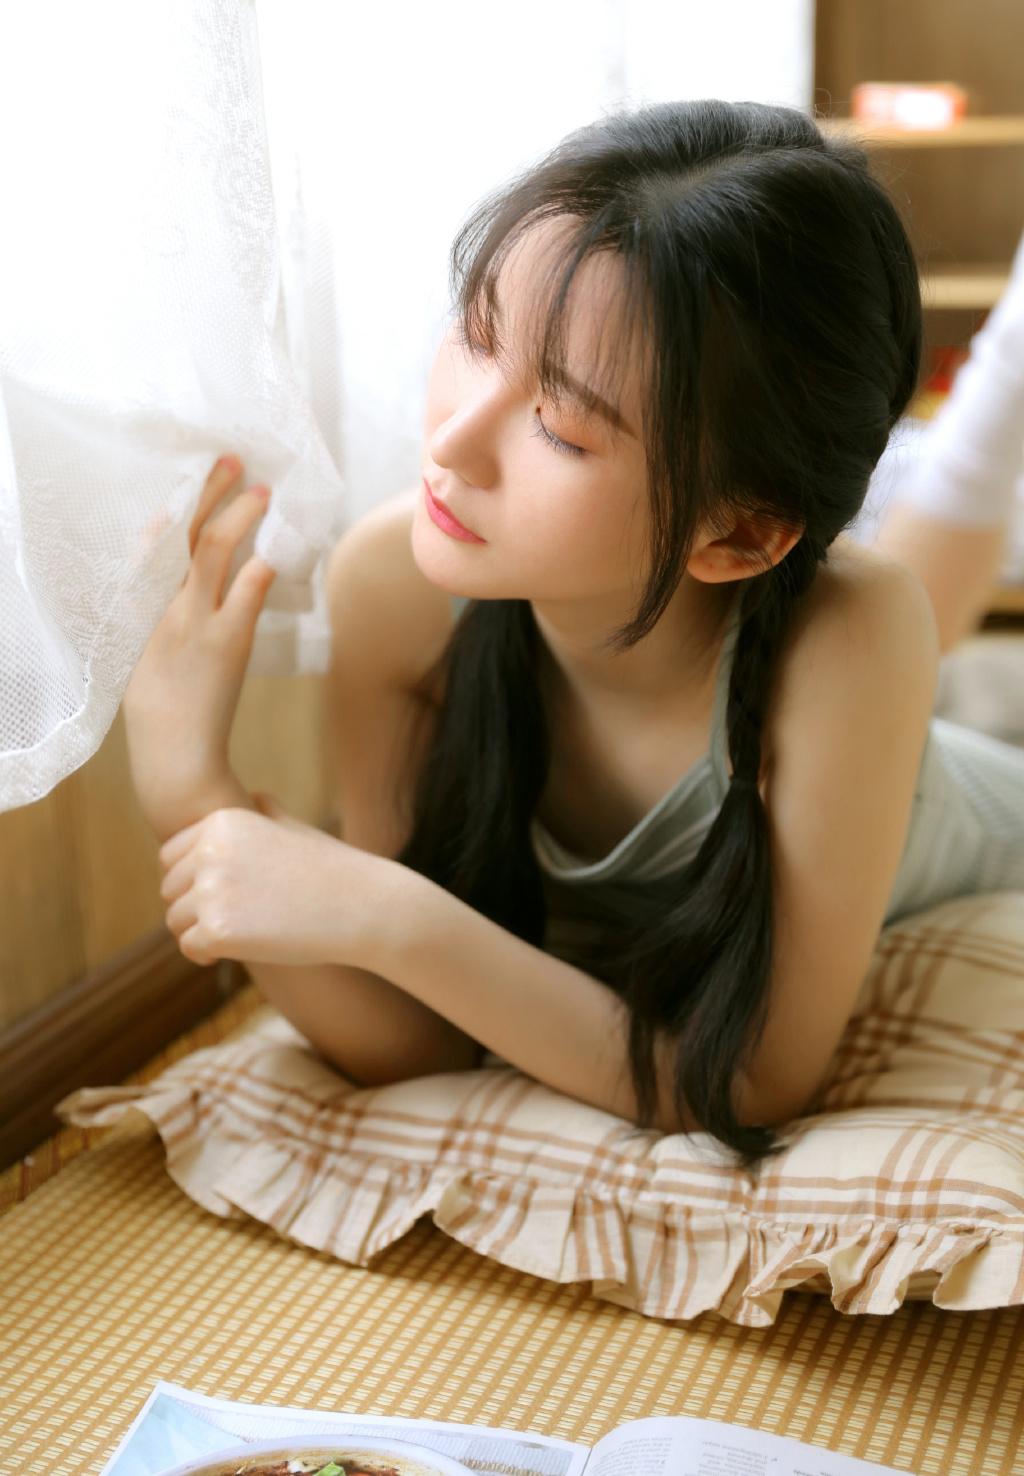 唯美清纯美女韩式麻花辫甜美笑容白丝长腿私房写真